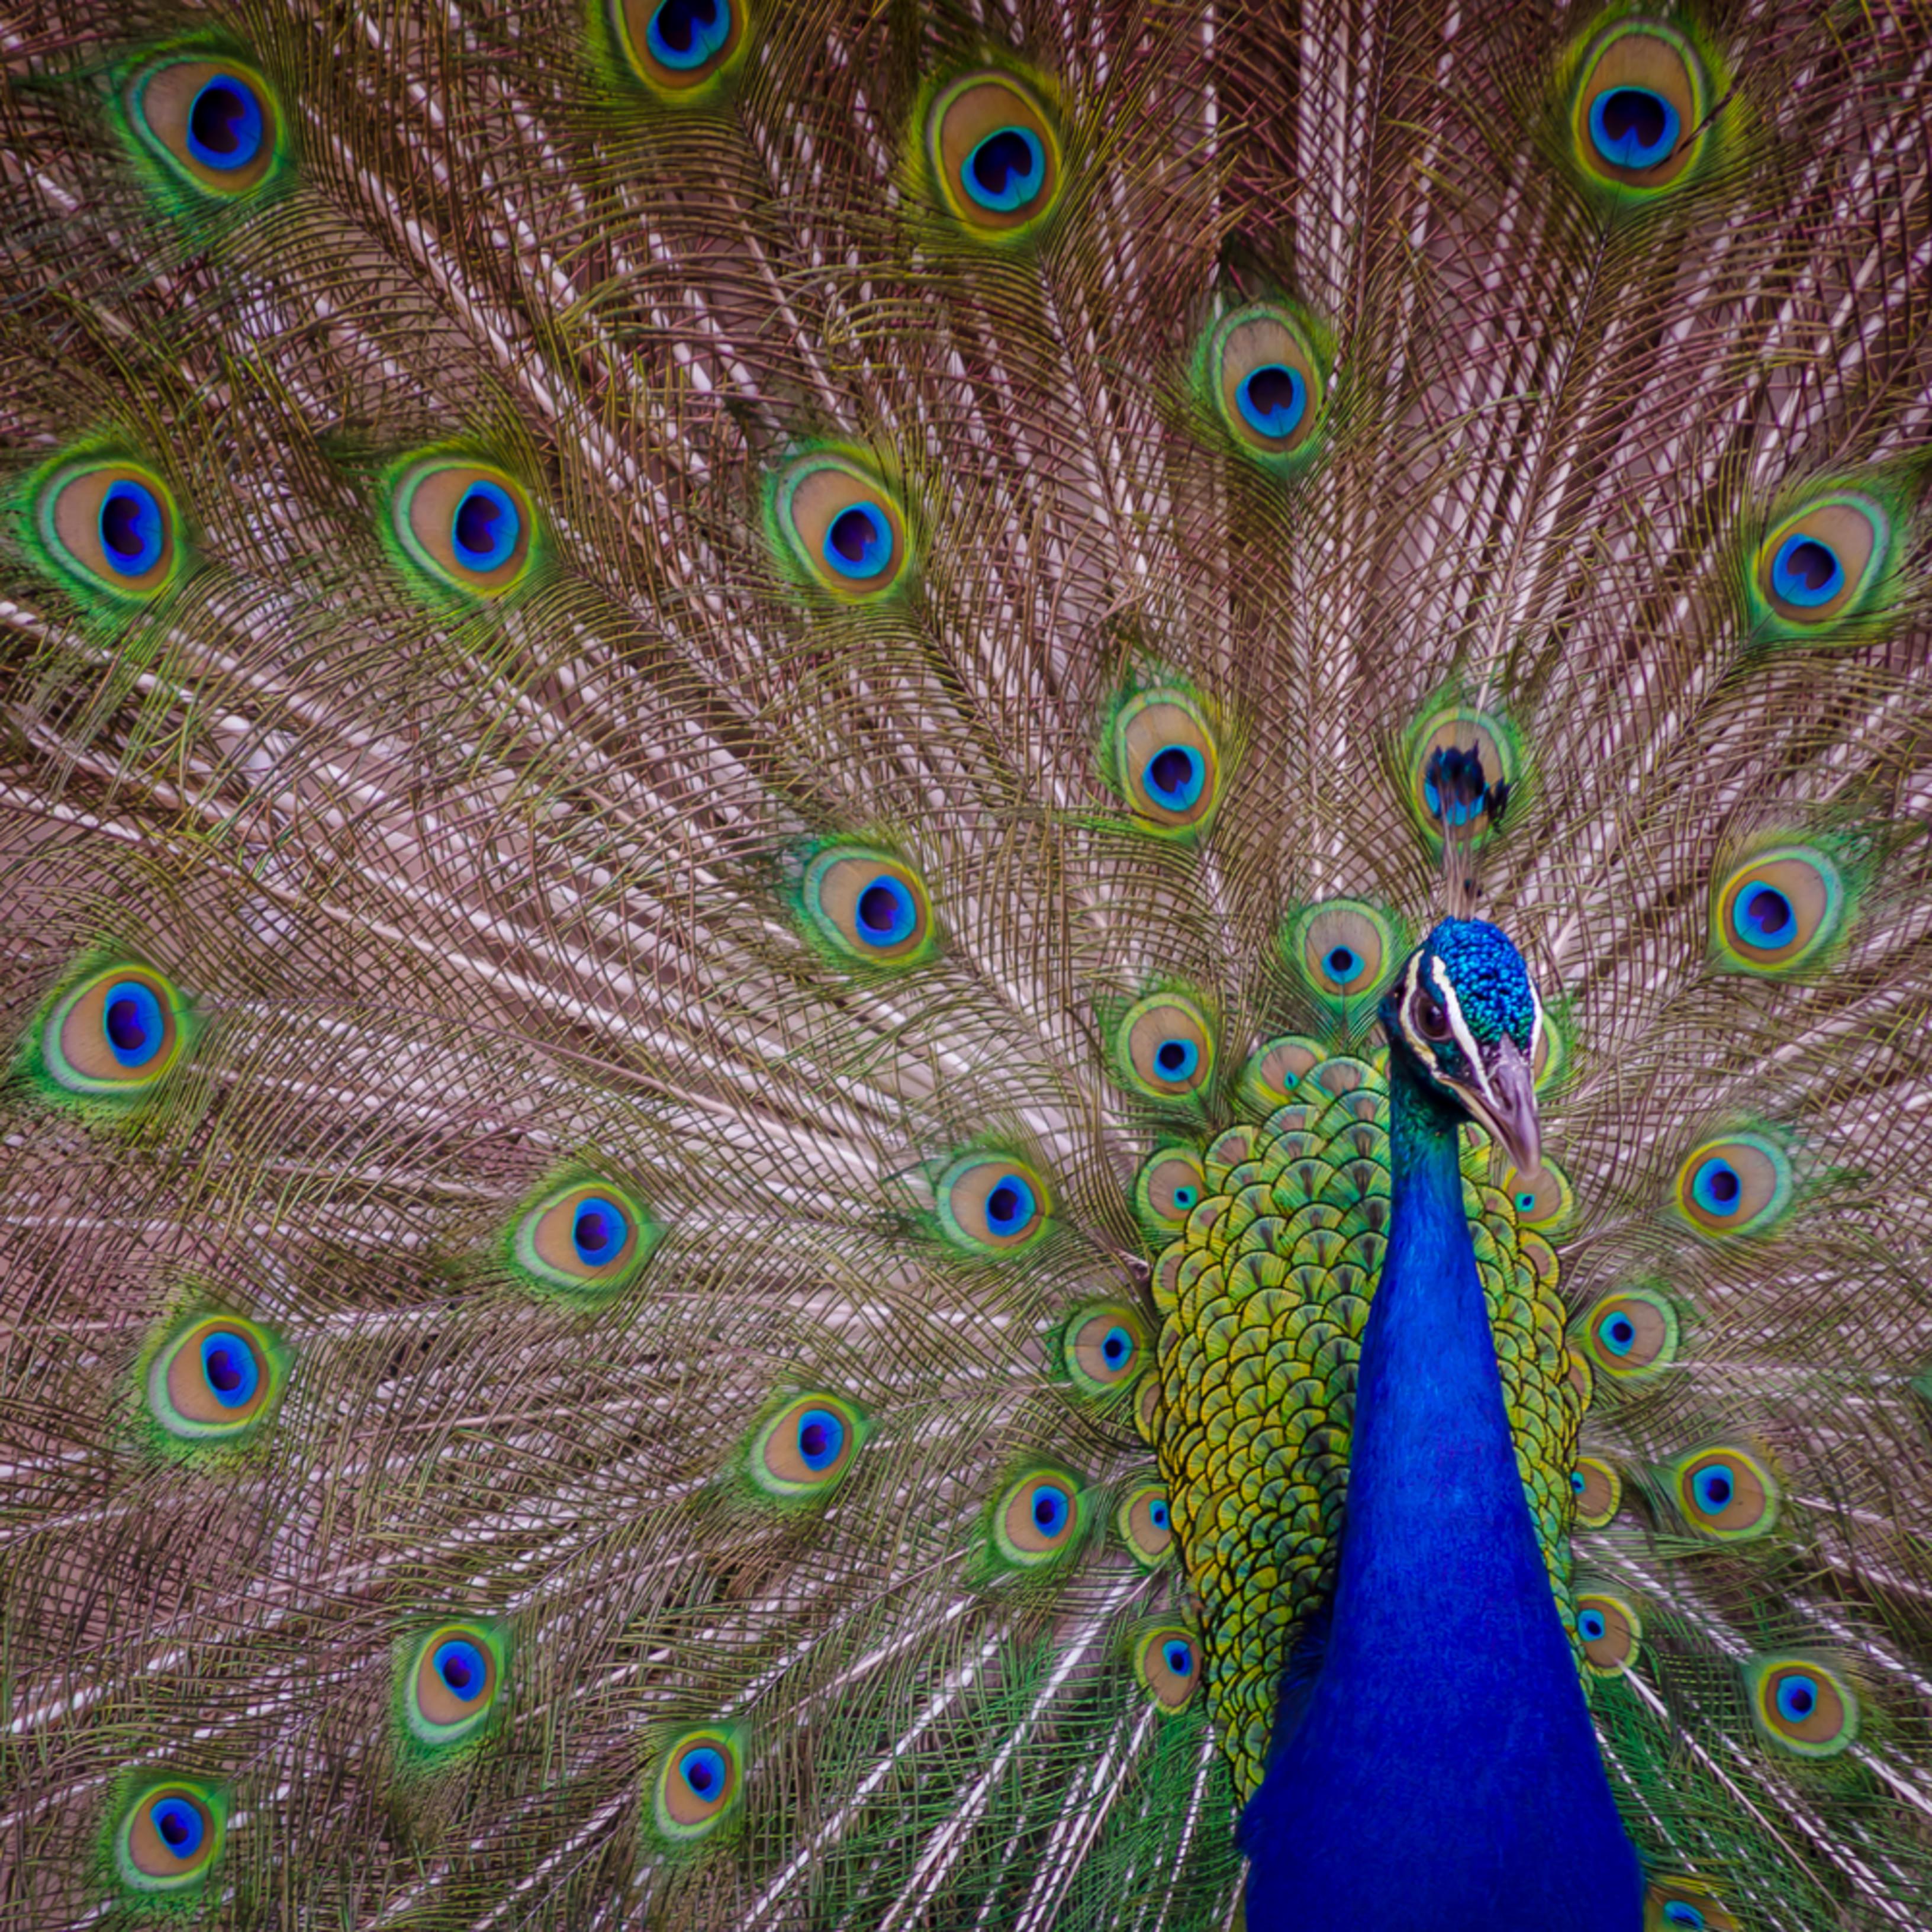 Peacock plume kavgxv